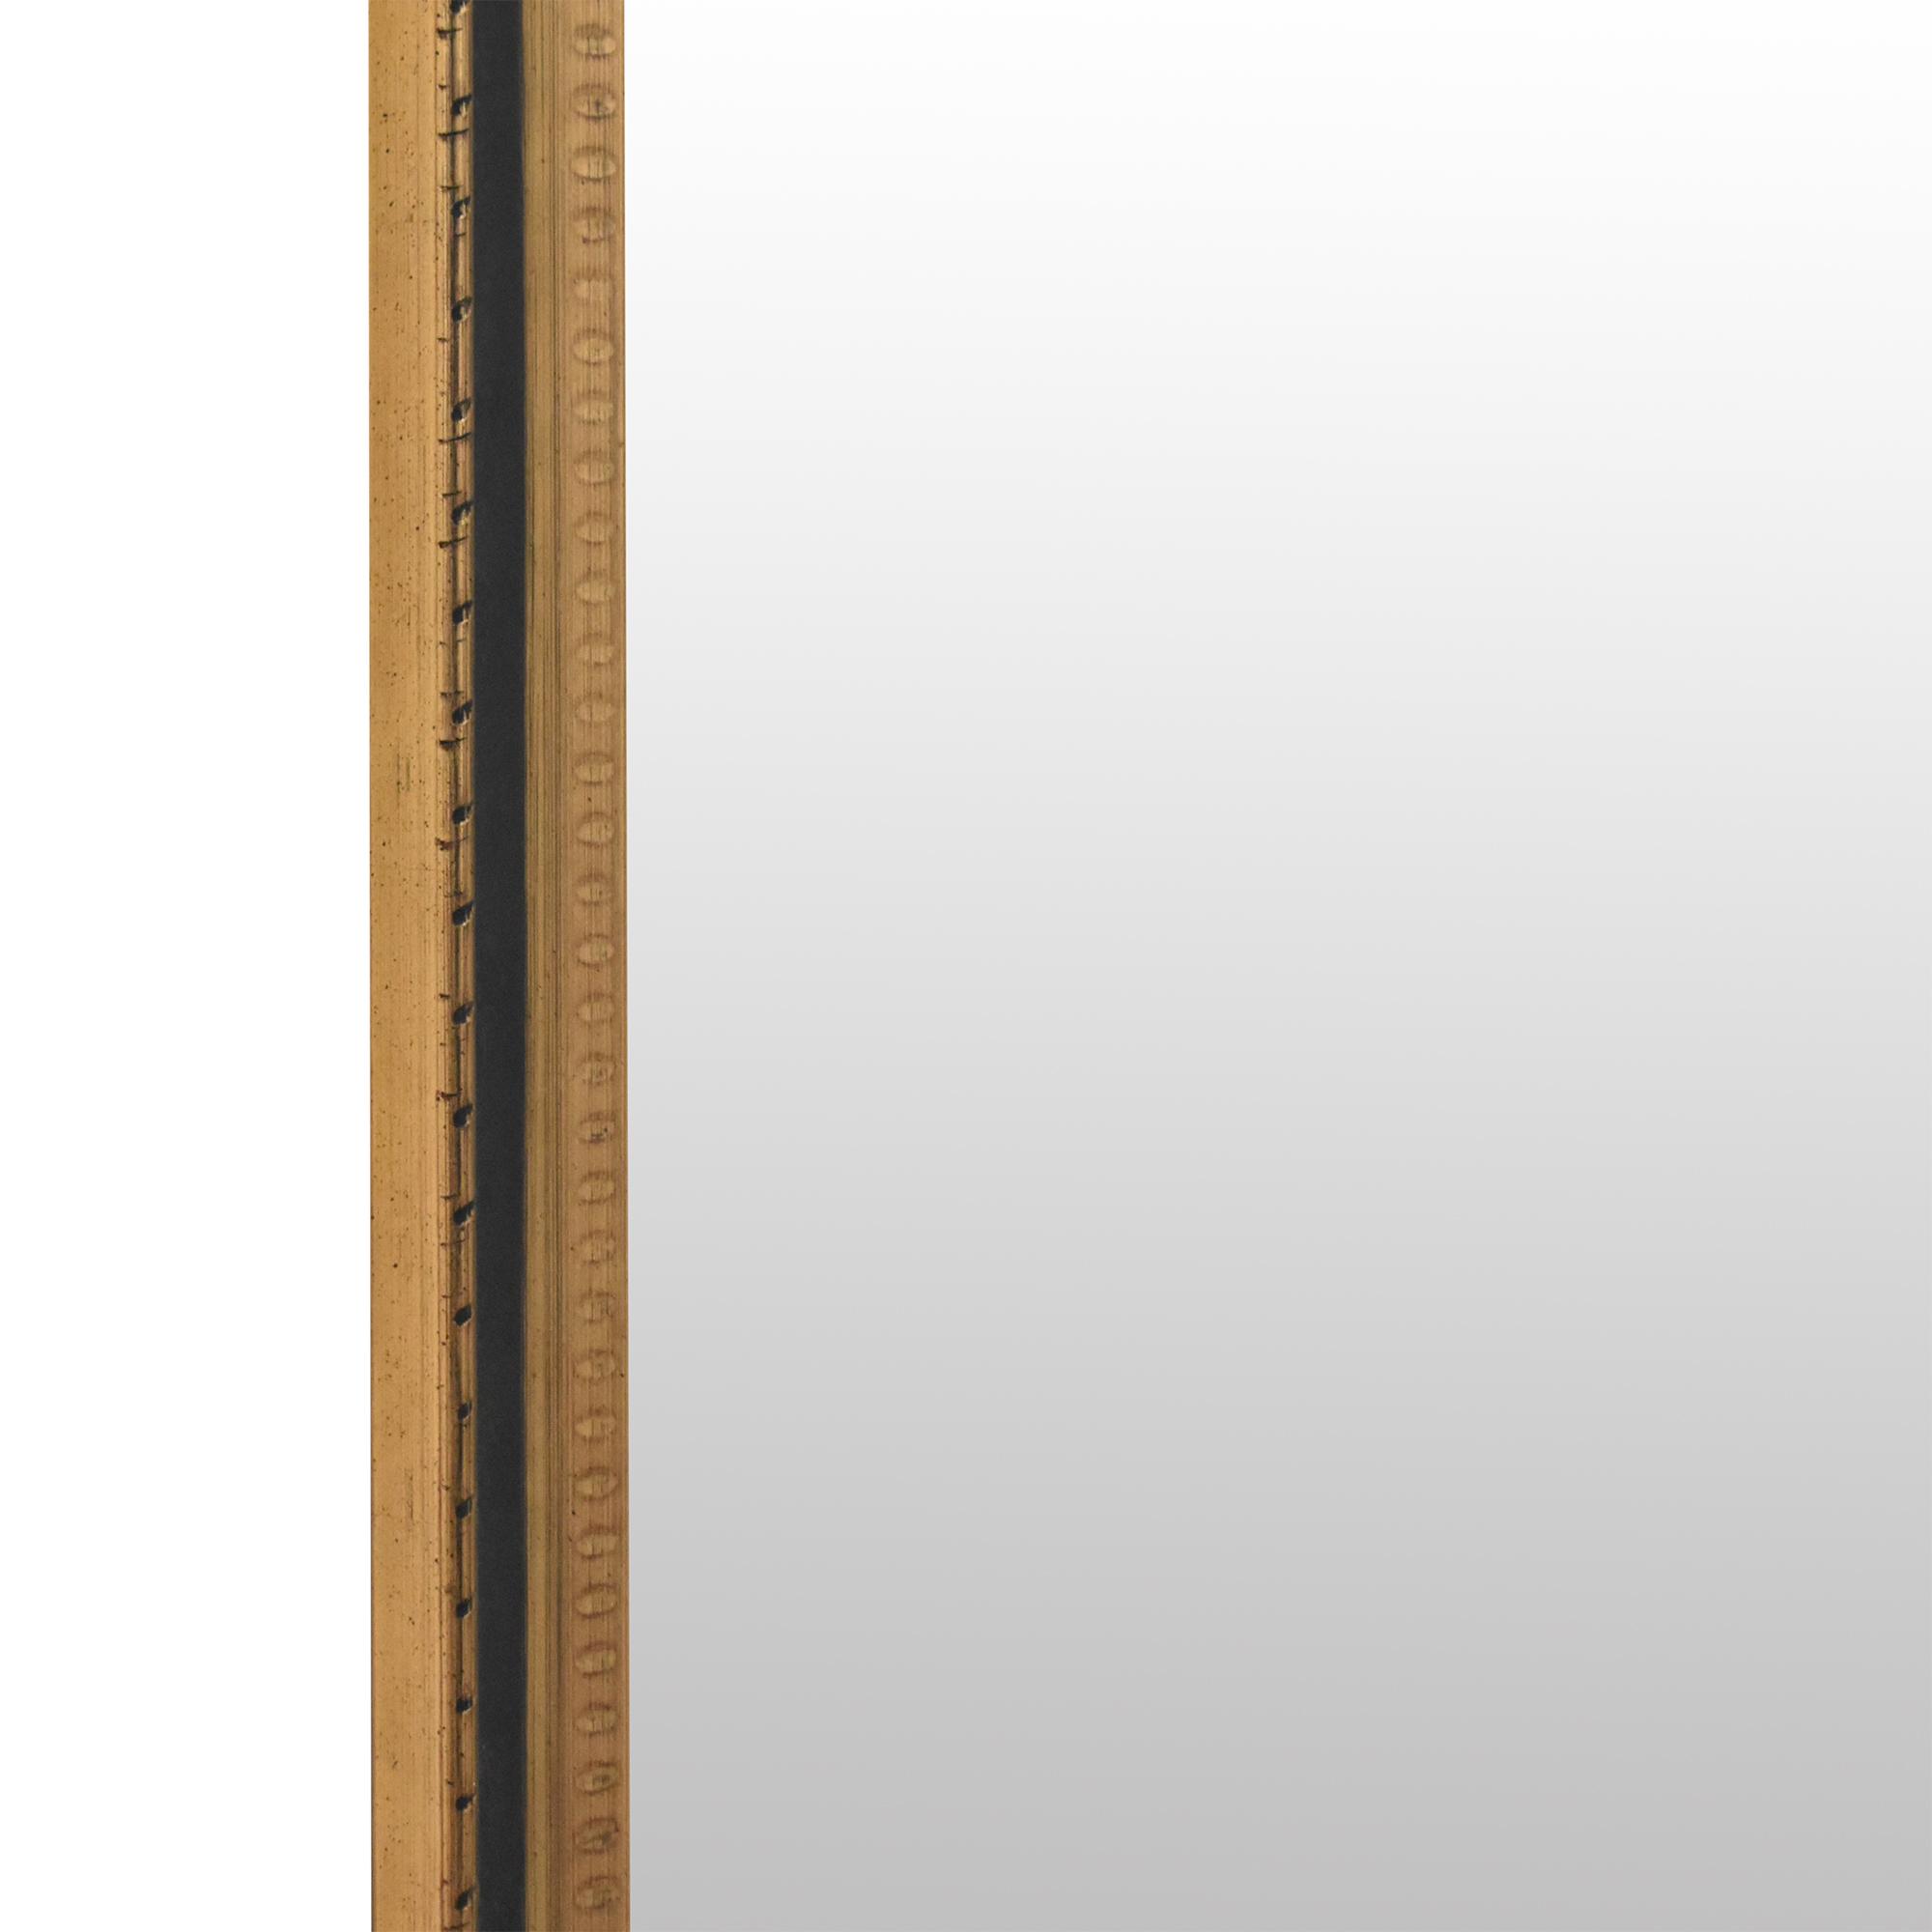 Framed Tall Mirror / Decor